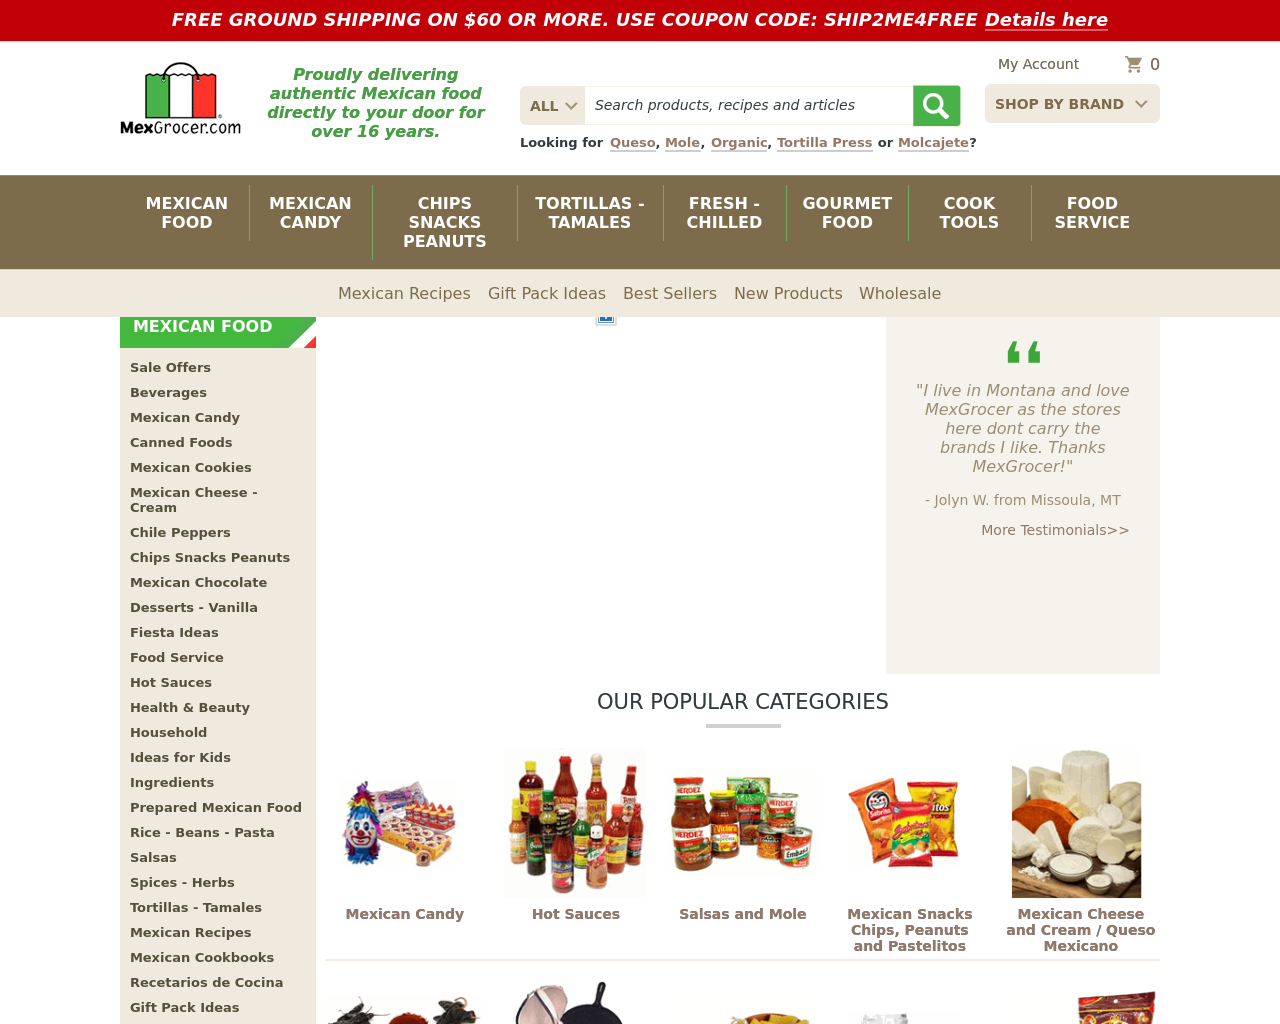 Mexgrocer.com-Advertising-Reviews-Pricing